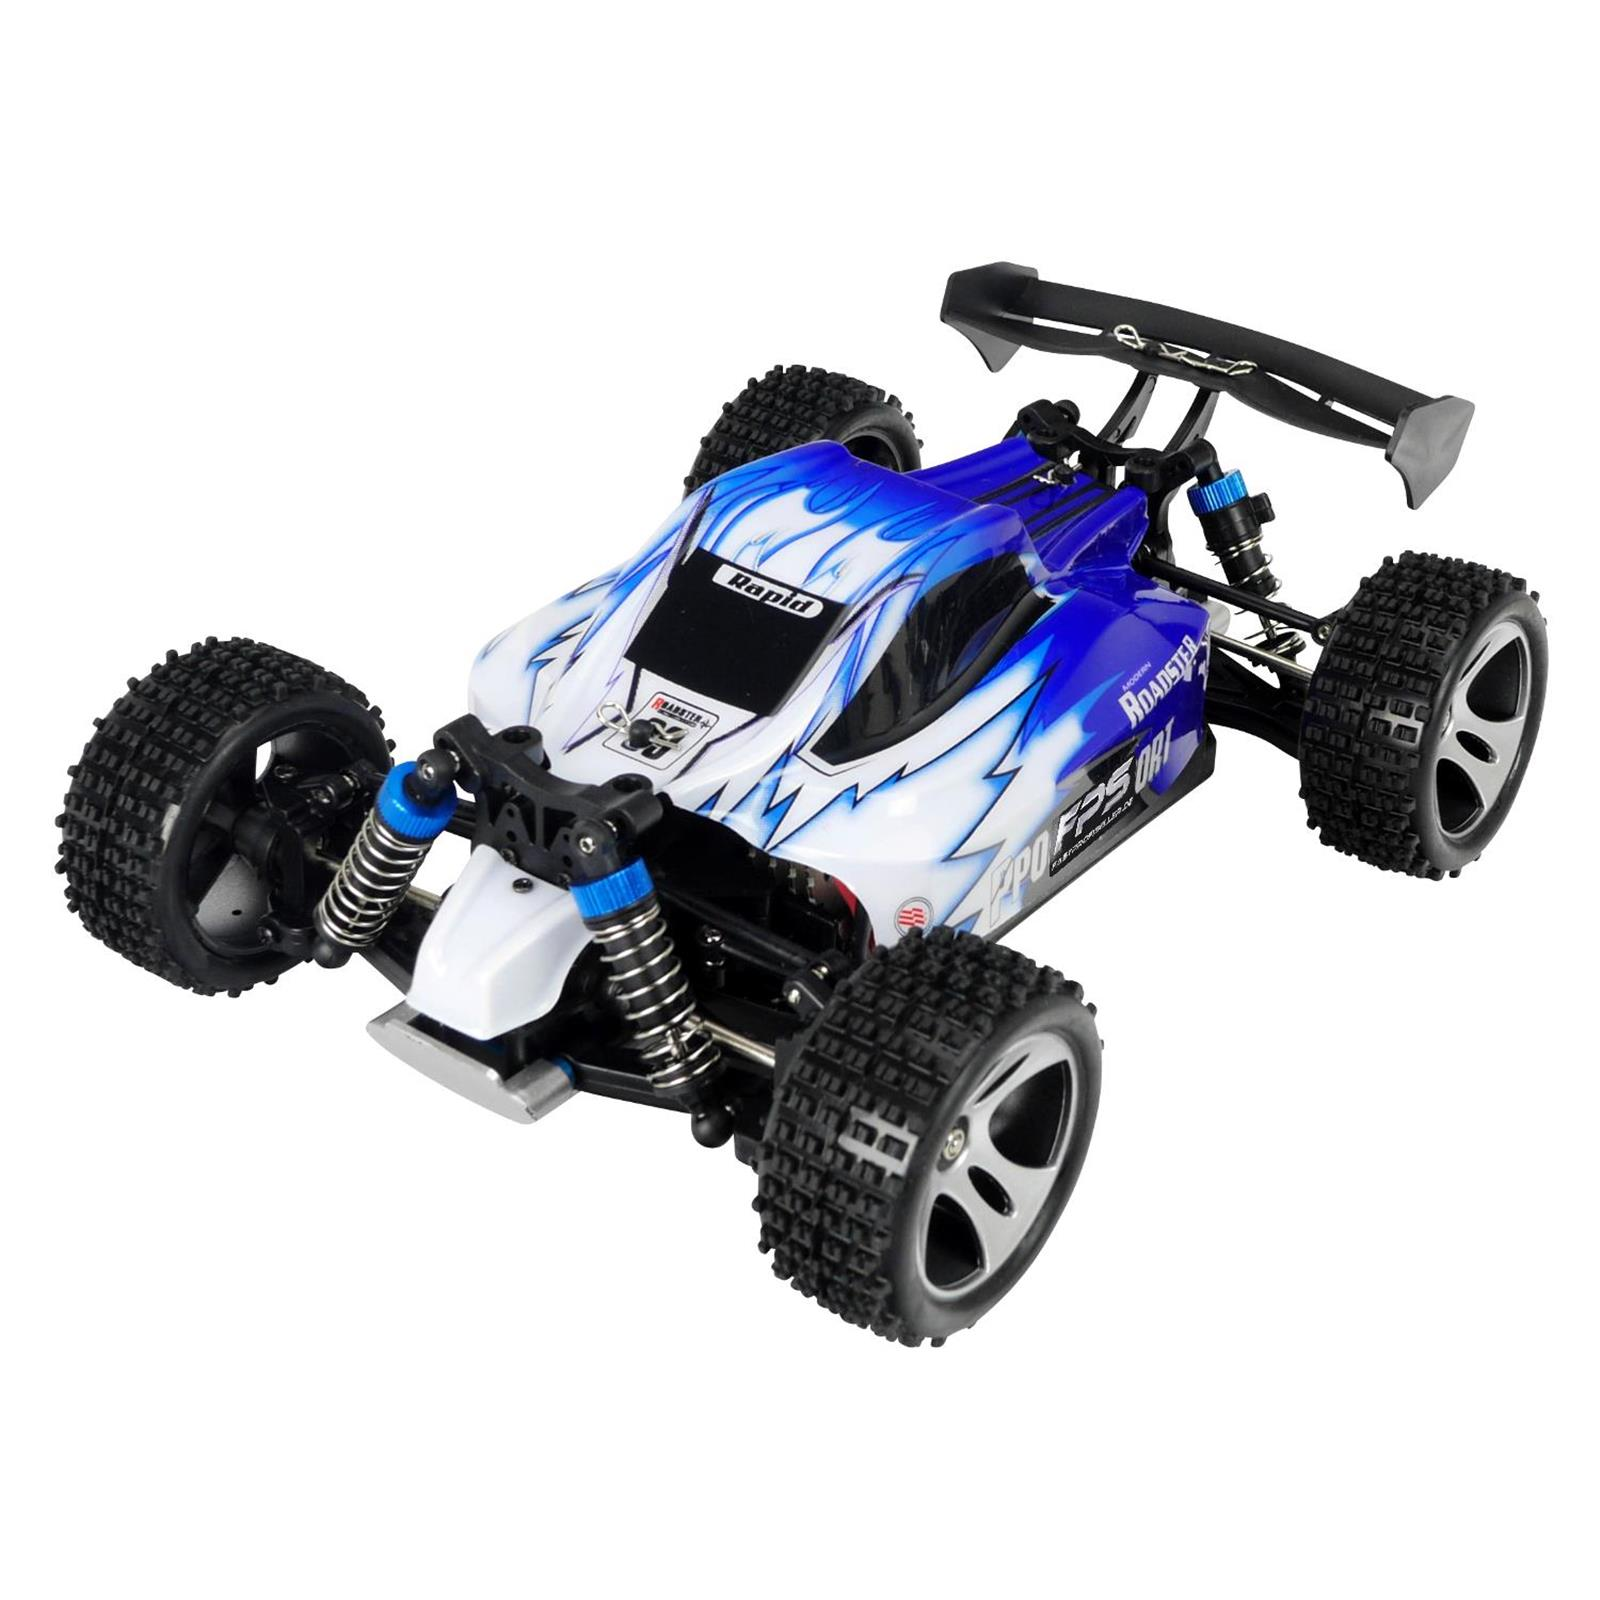 Rayline Funrace 01 FR01 RC Buggy mit Zubehör 1x Akku